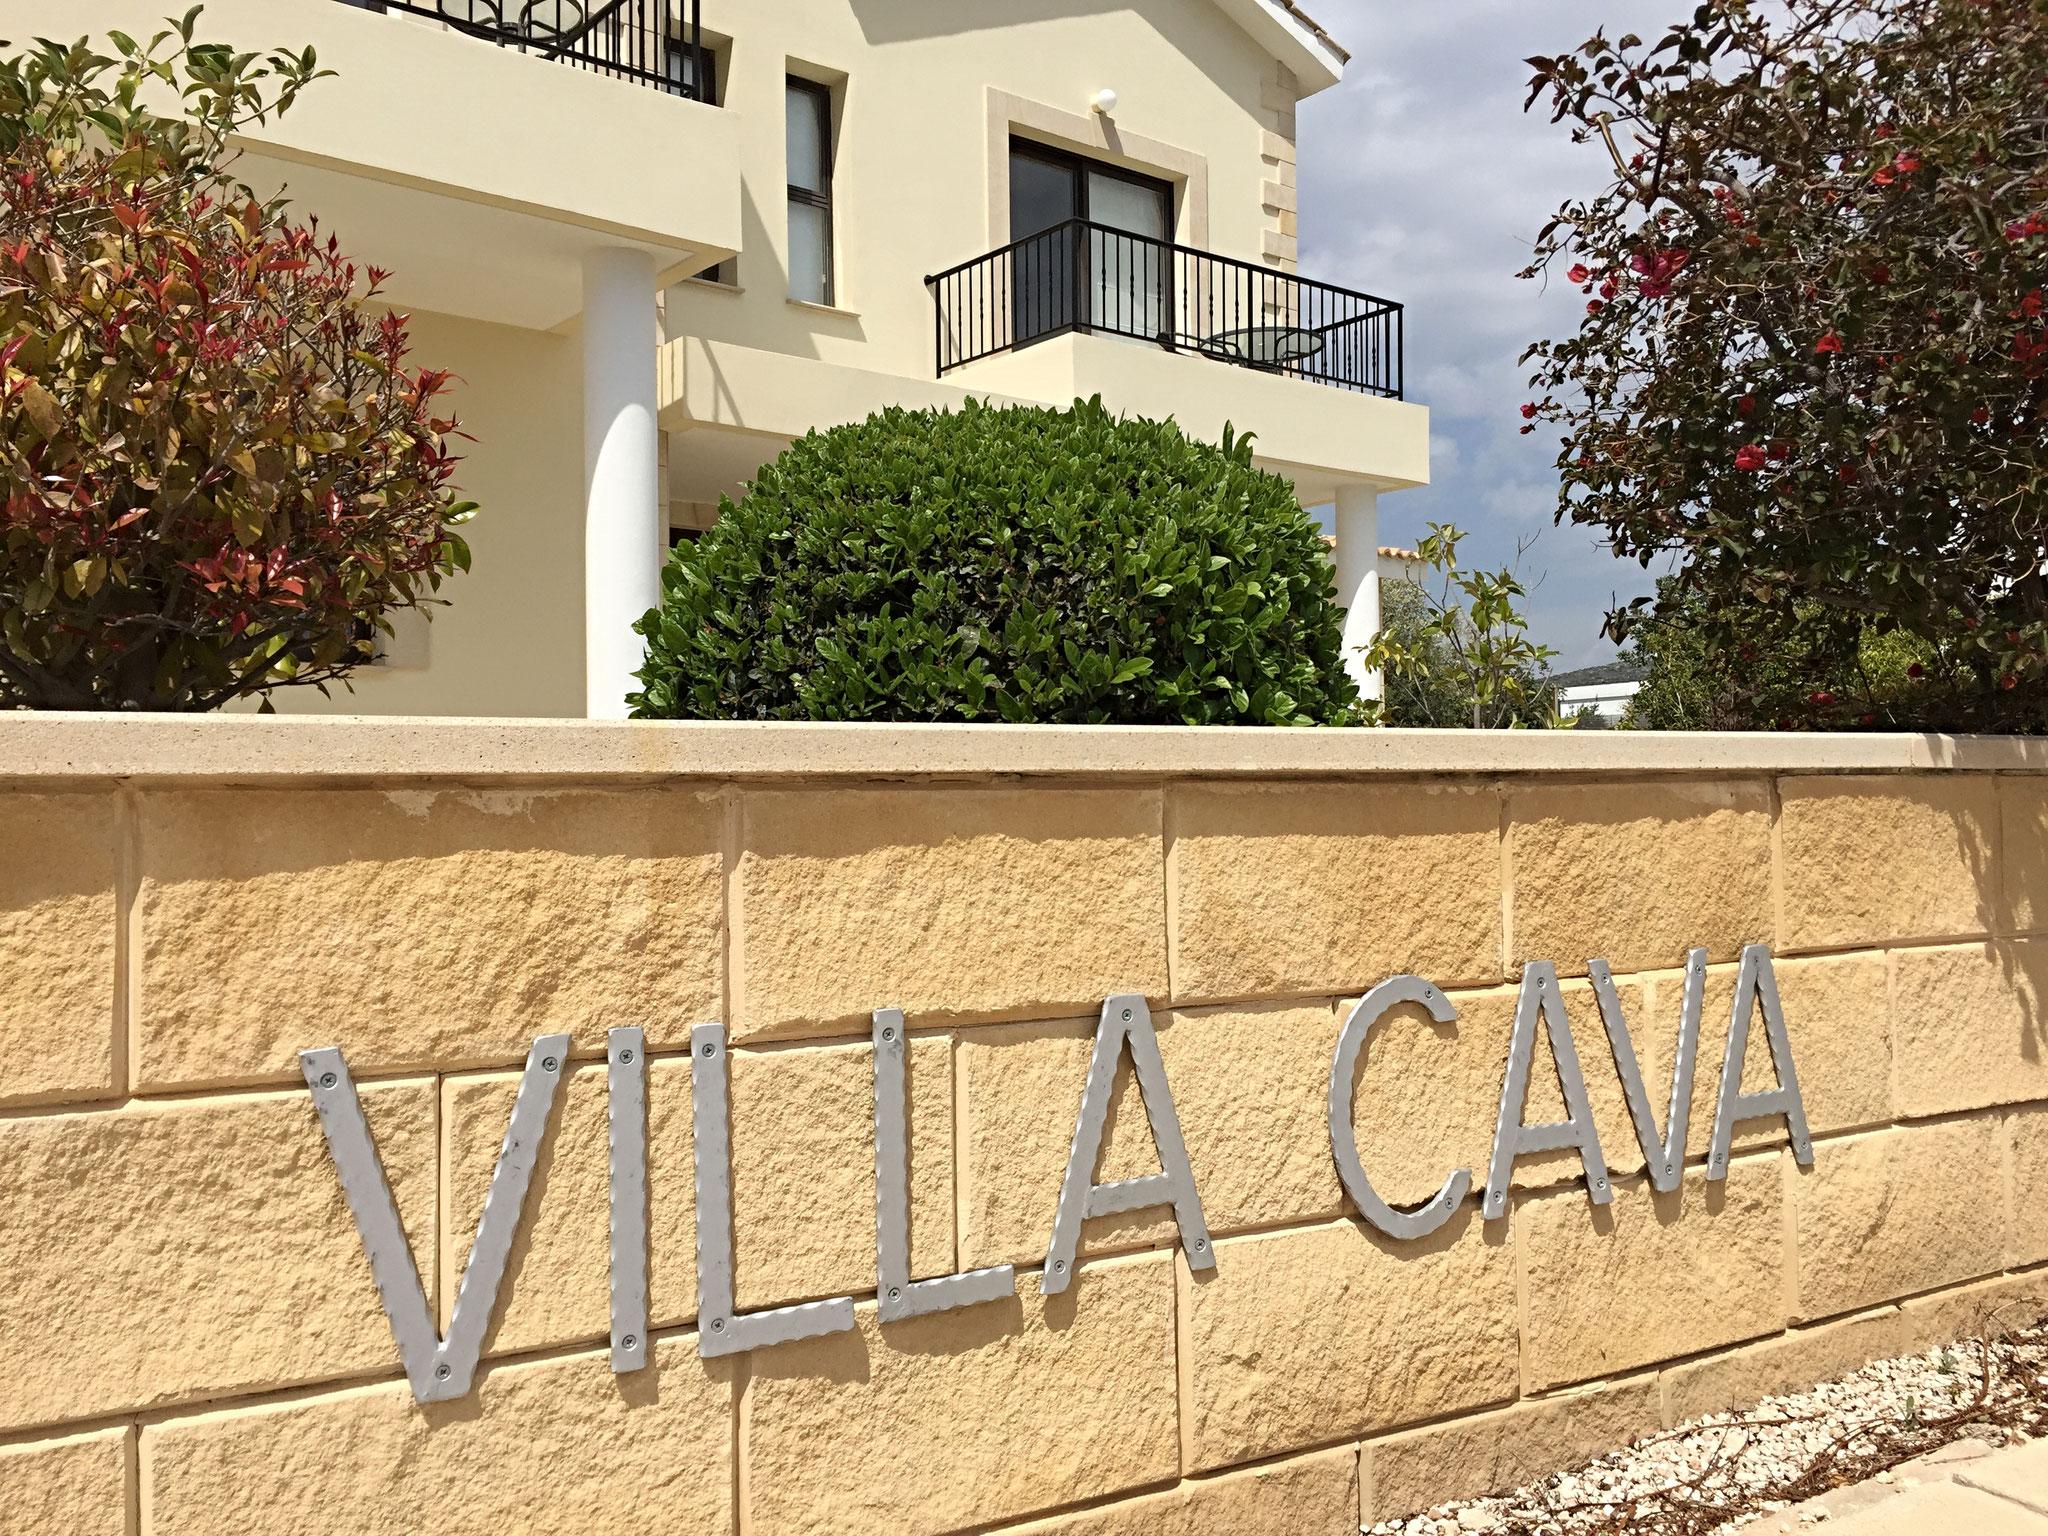 Treten Sie ein villa cavas Webseite